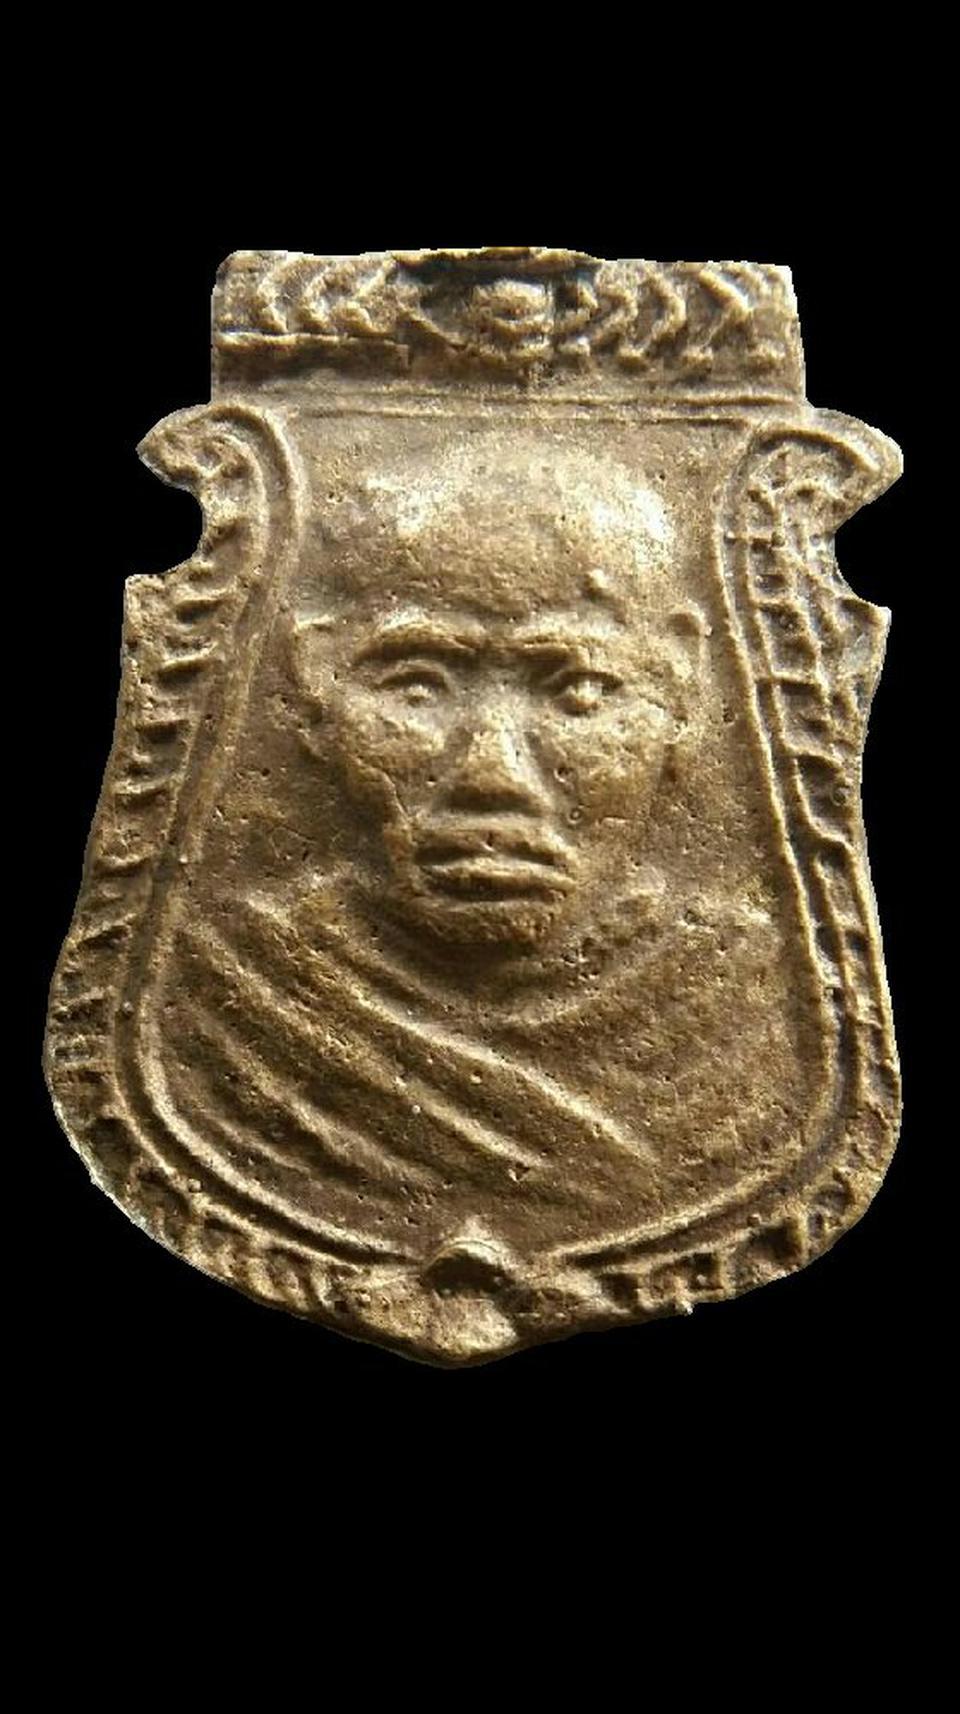 เหรียญหล่อหน้าเสือ รุ่นแรก หลวงพ่อน้อย วัดธรรมศาลา รูปที่ 1